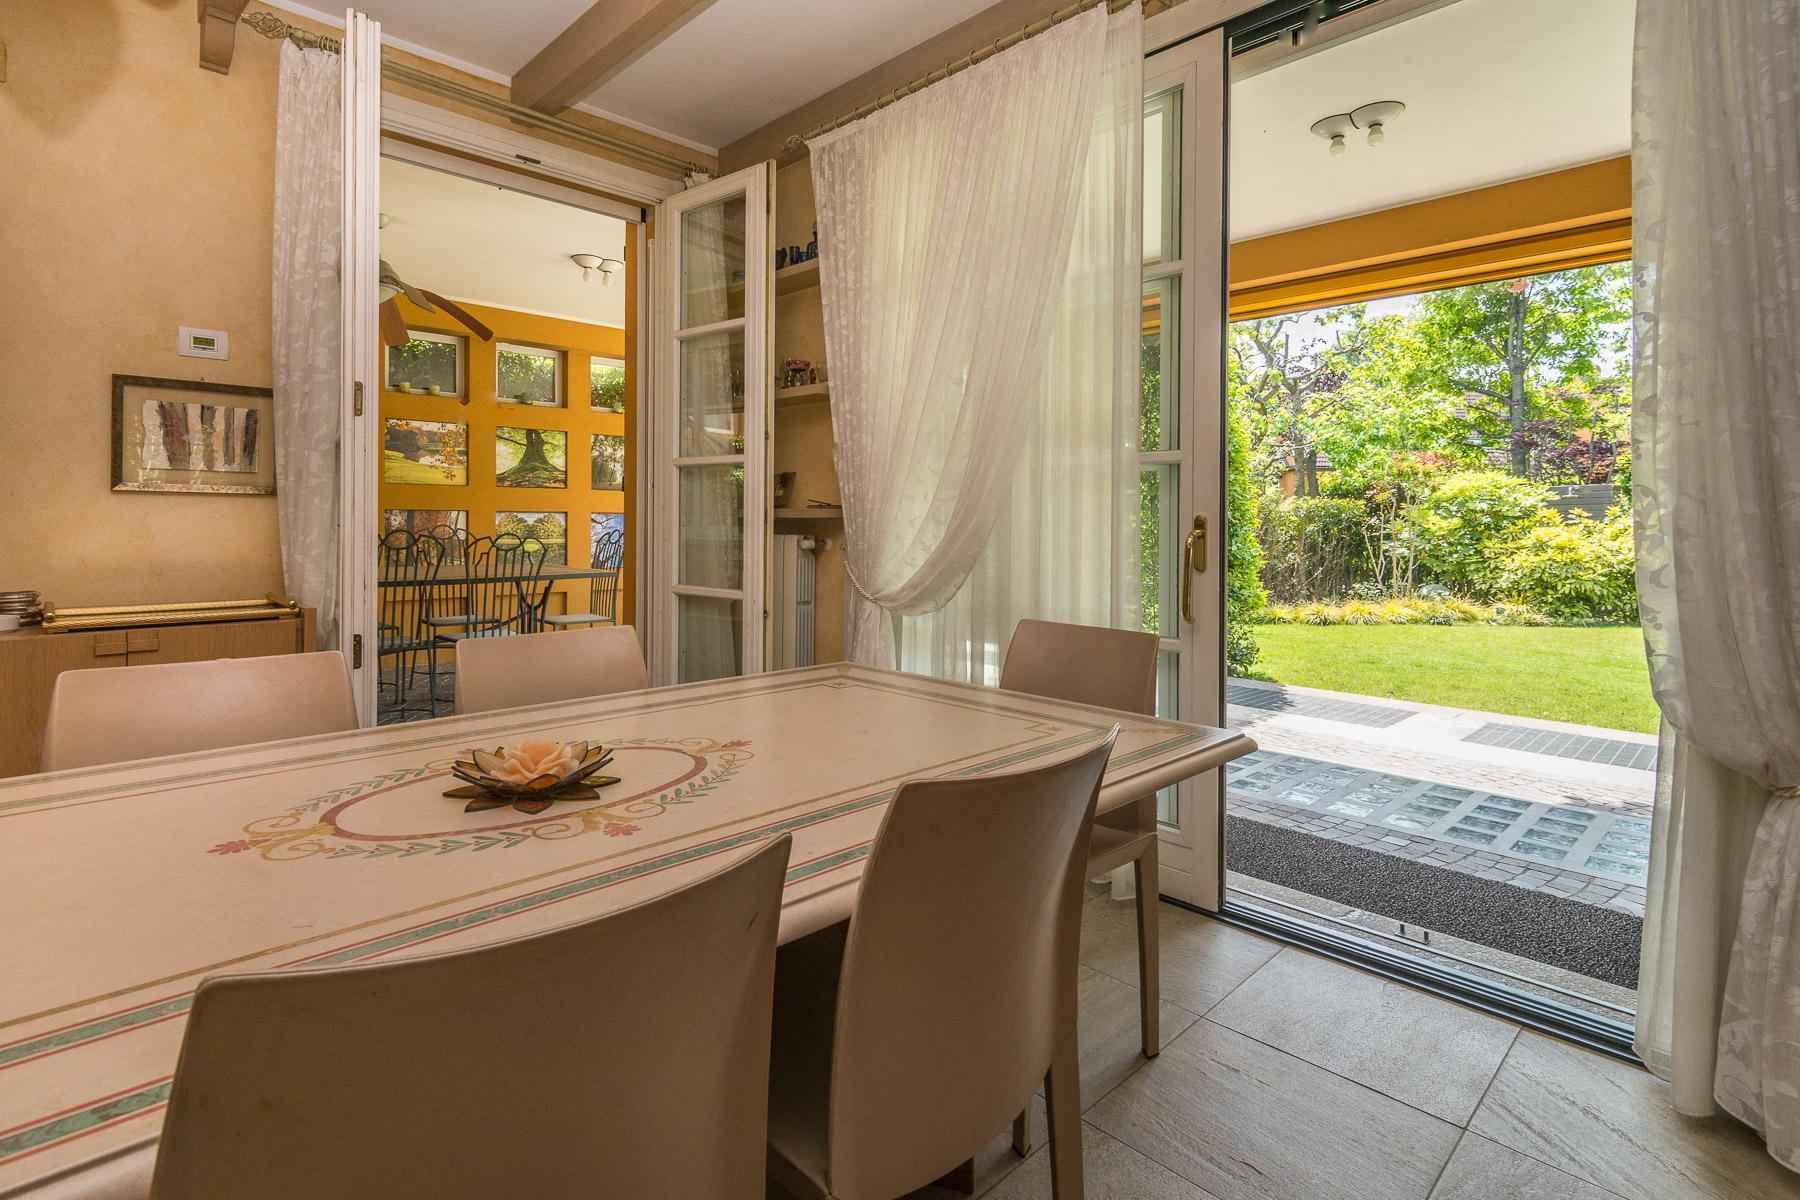 Golf Club de Castelconturbia, maison individuelle de 300 m² avec jardin de 1500 m² et jacuzzi - 16